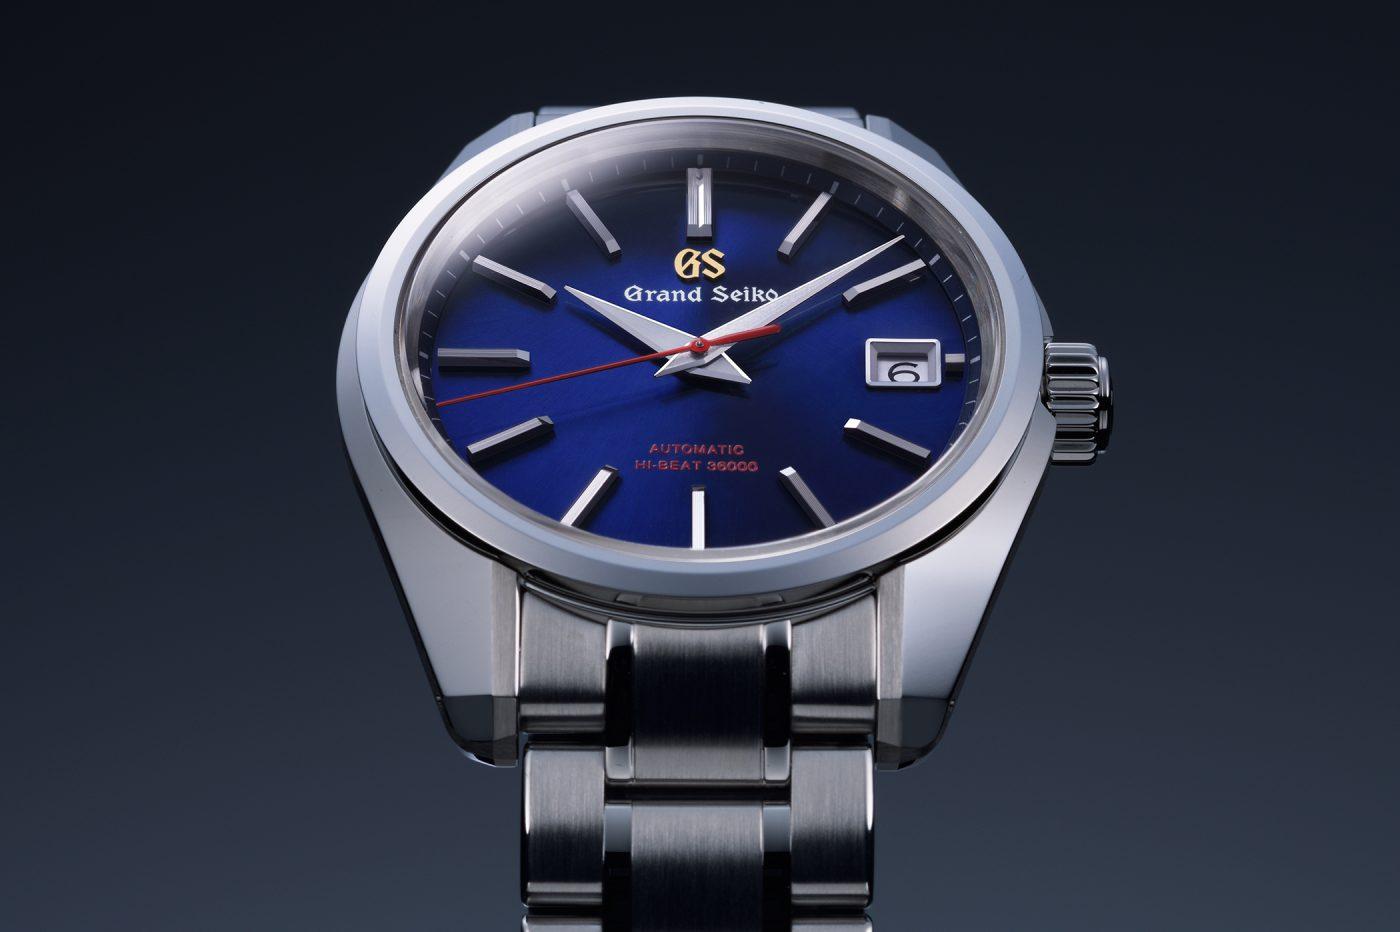 Grand Seiko 60th Anniversary Limited Edition